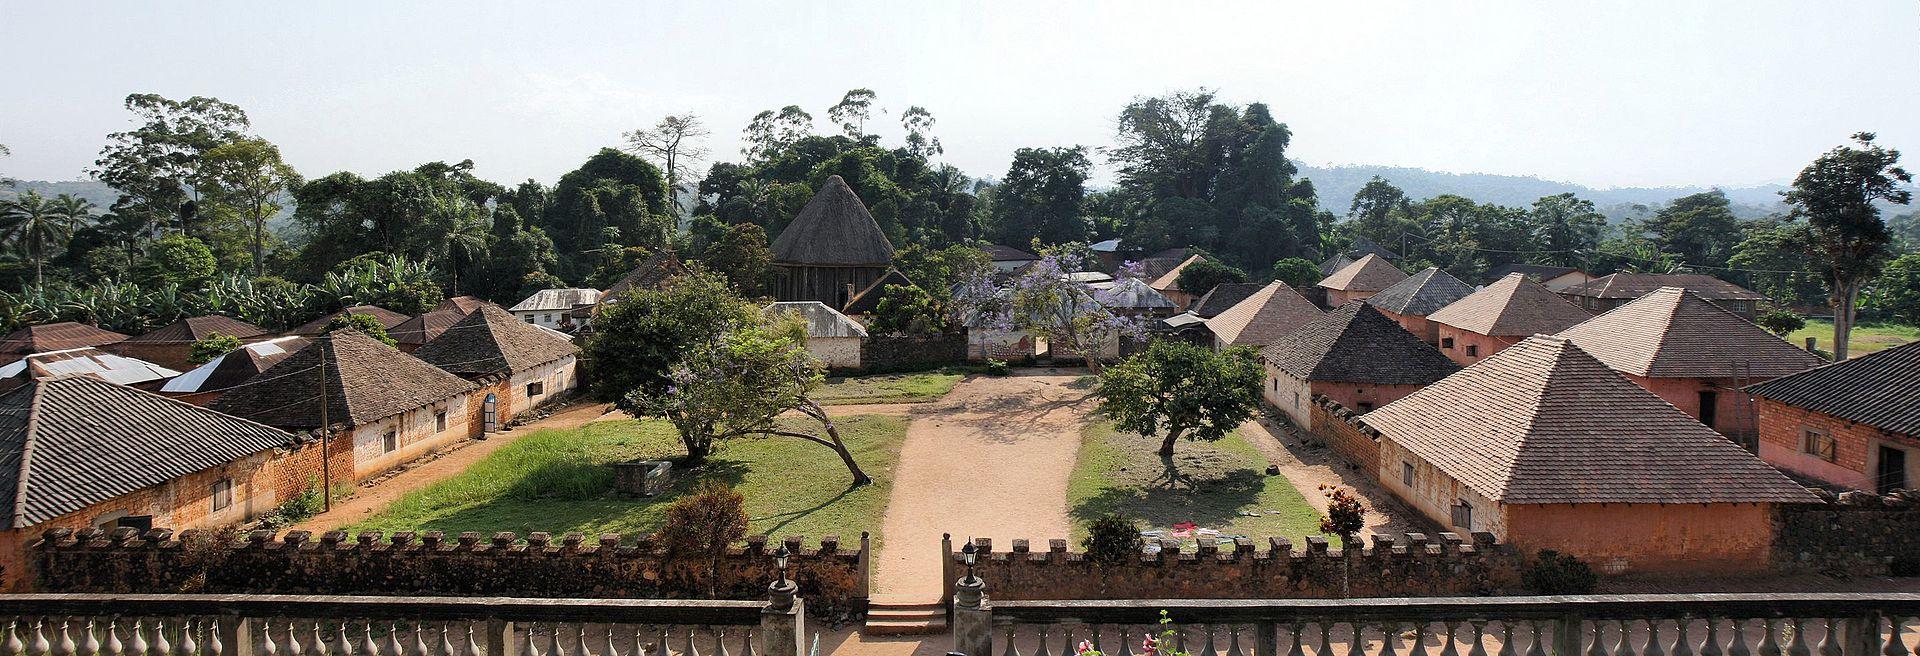 Chefferie de Bafut au nord de Bamenda. La cour principale avec les maisons des femmes à droite, recouvertes de tuiles, la forêt sacrée au fond.